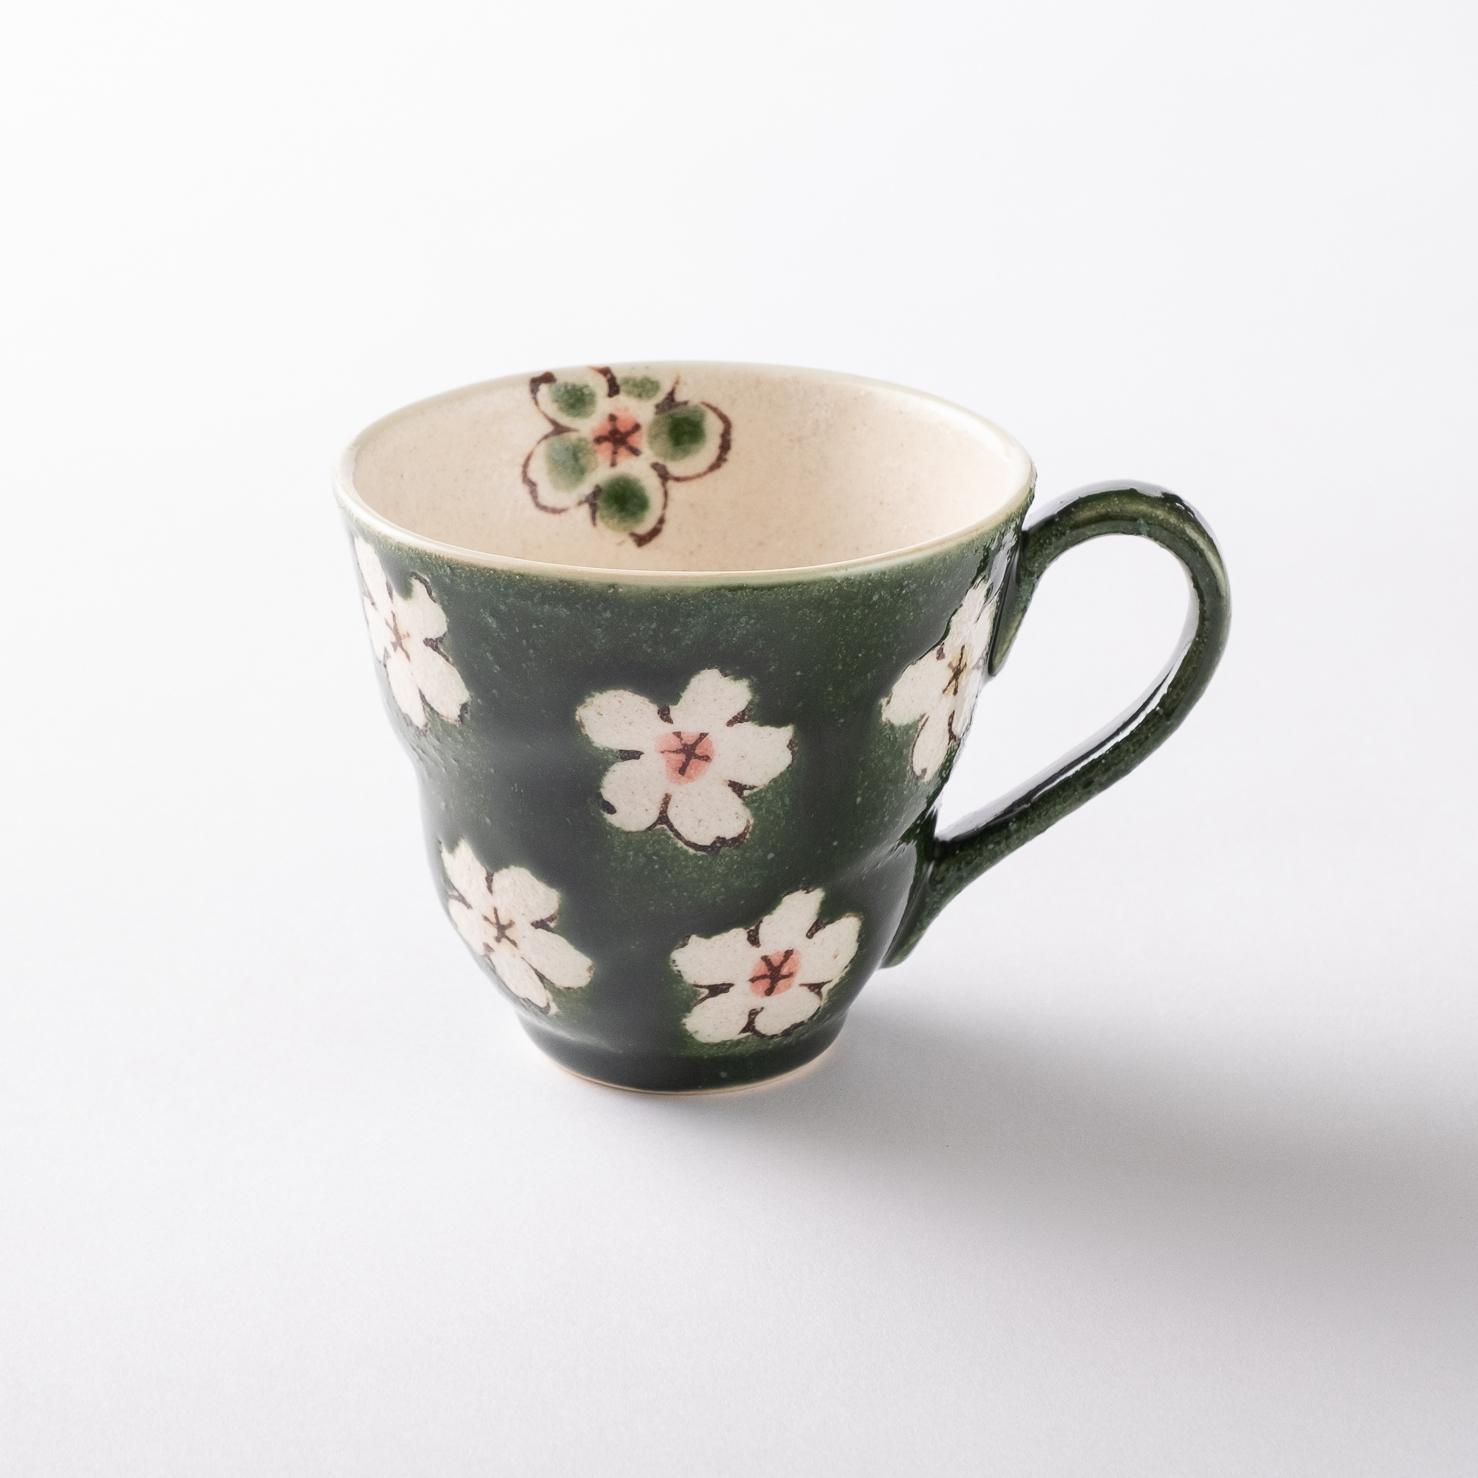 【美濃焼】軽量マグカップ「花おりべ マグカップ 花散し緑」